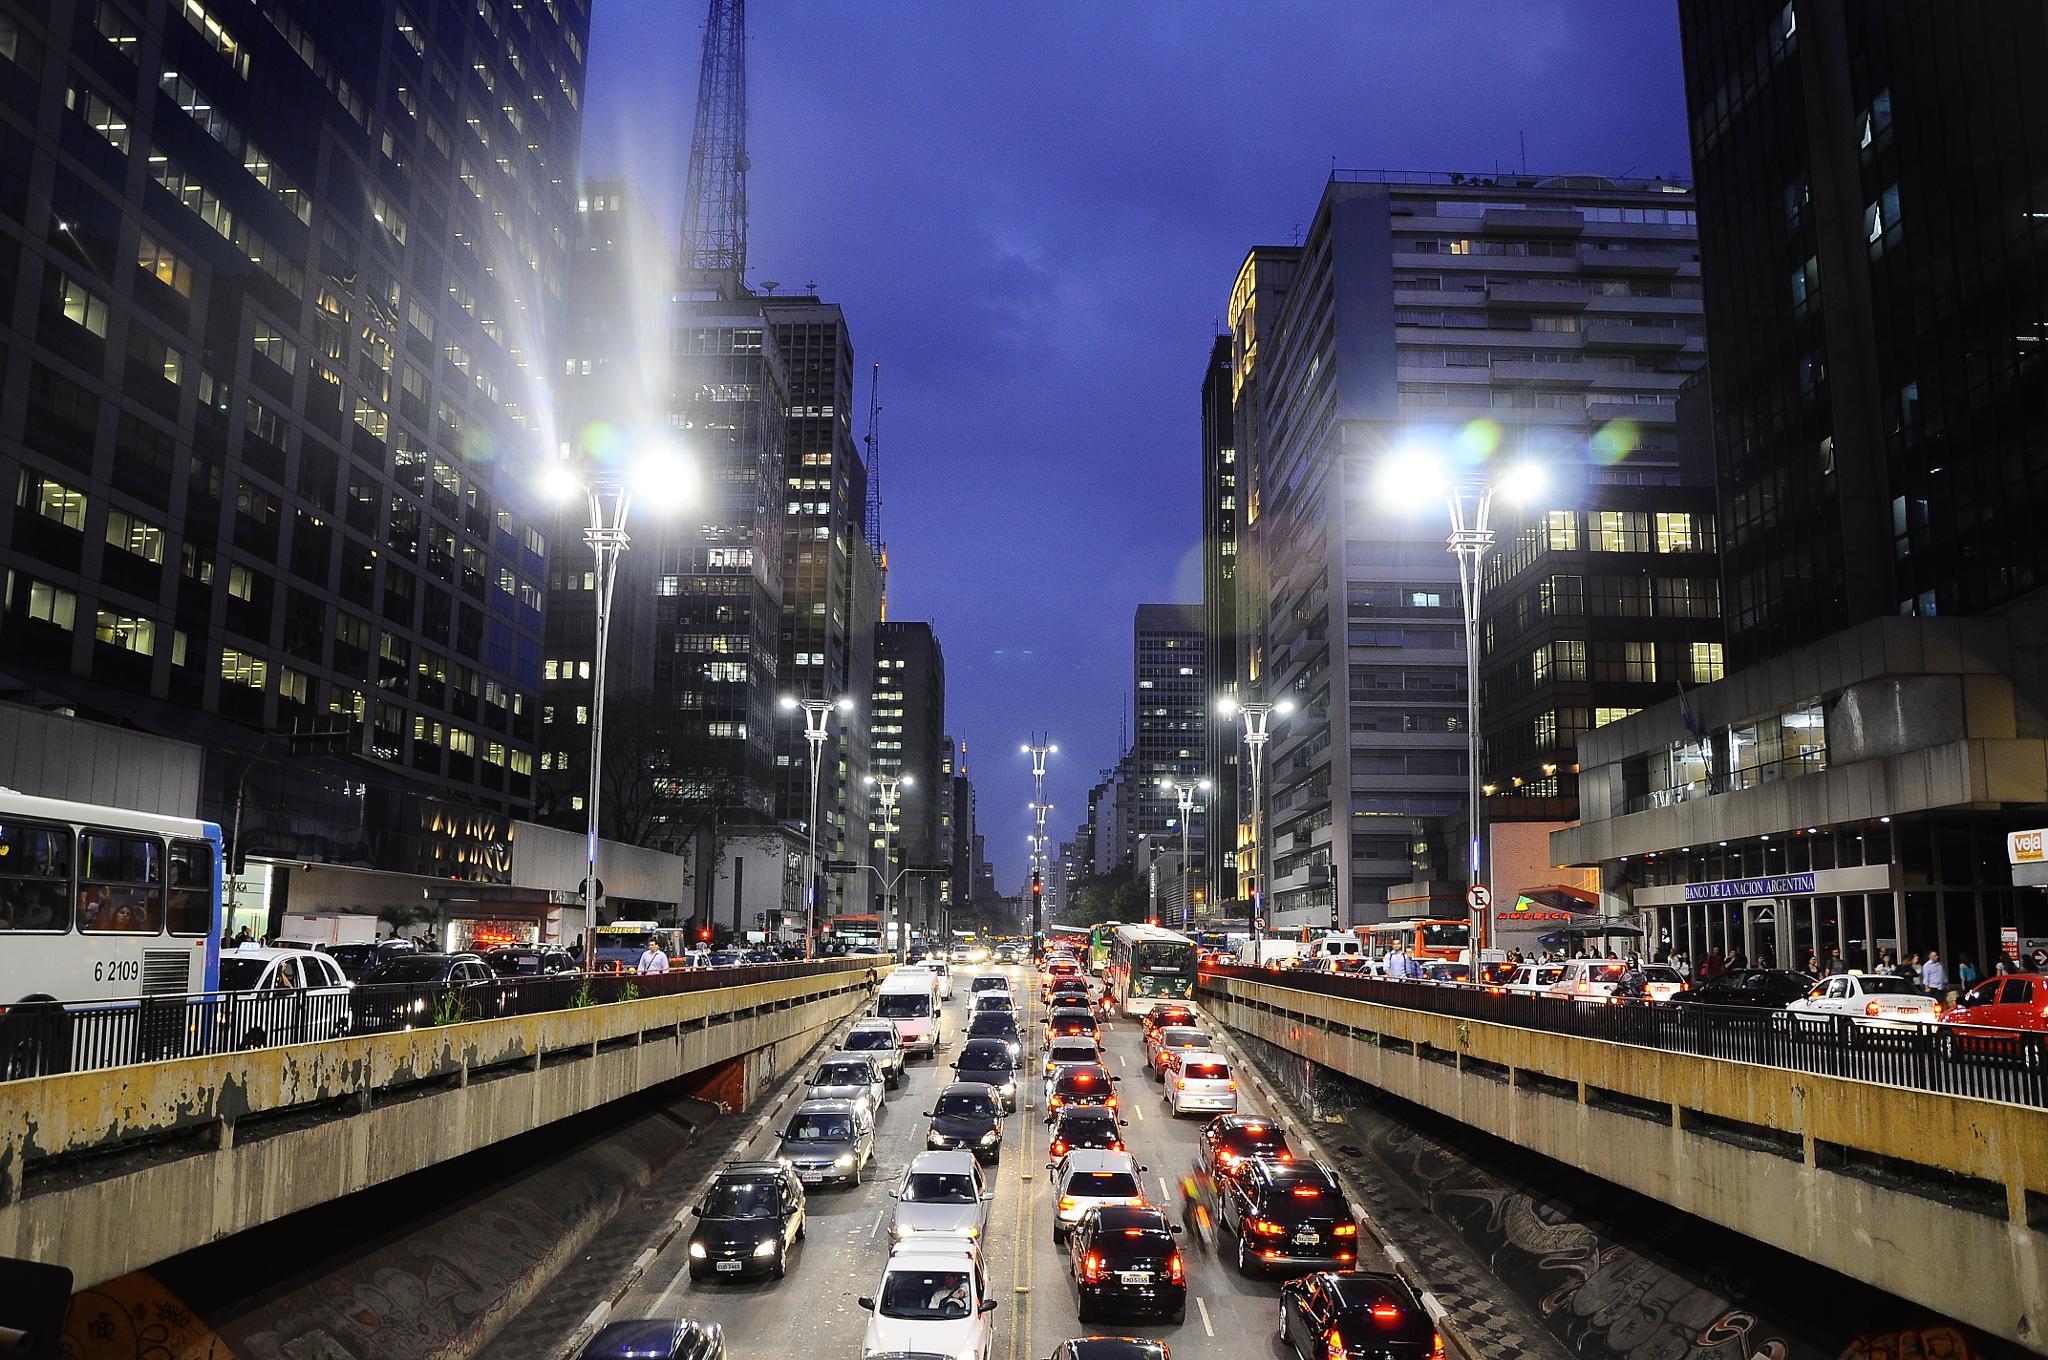 Vias Interditadas - Avenida Paulista, São Paulo-SP, Outubro, 2011. by Marcos Palhano